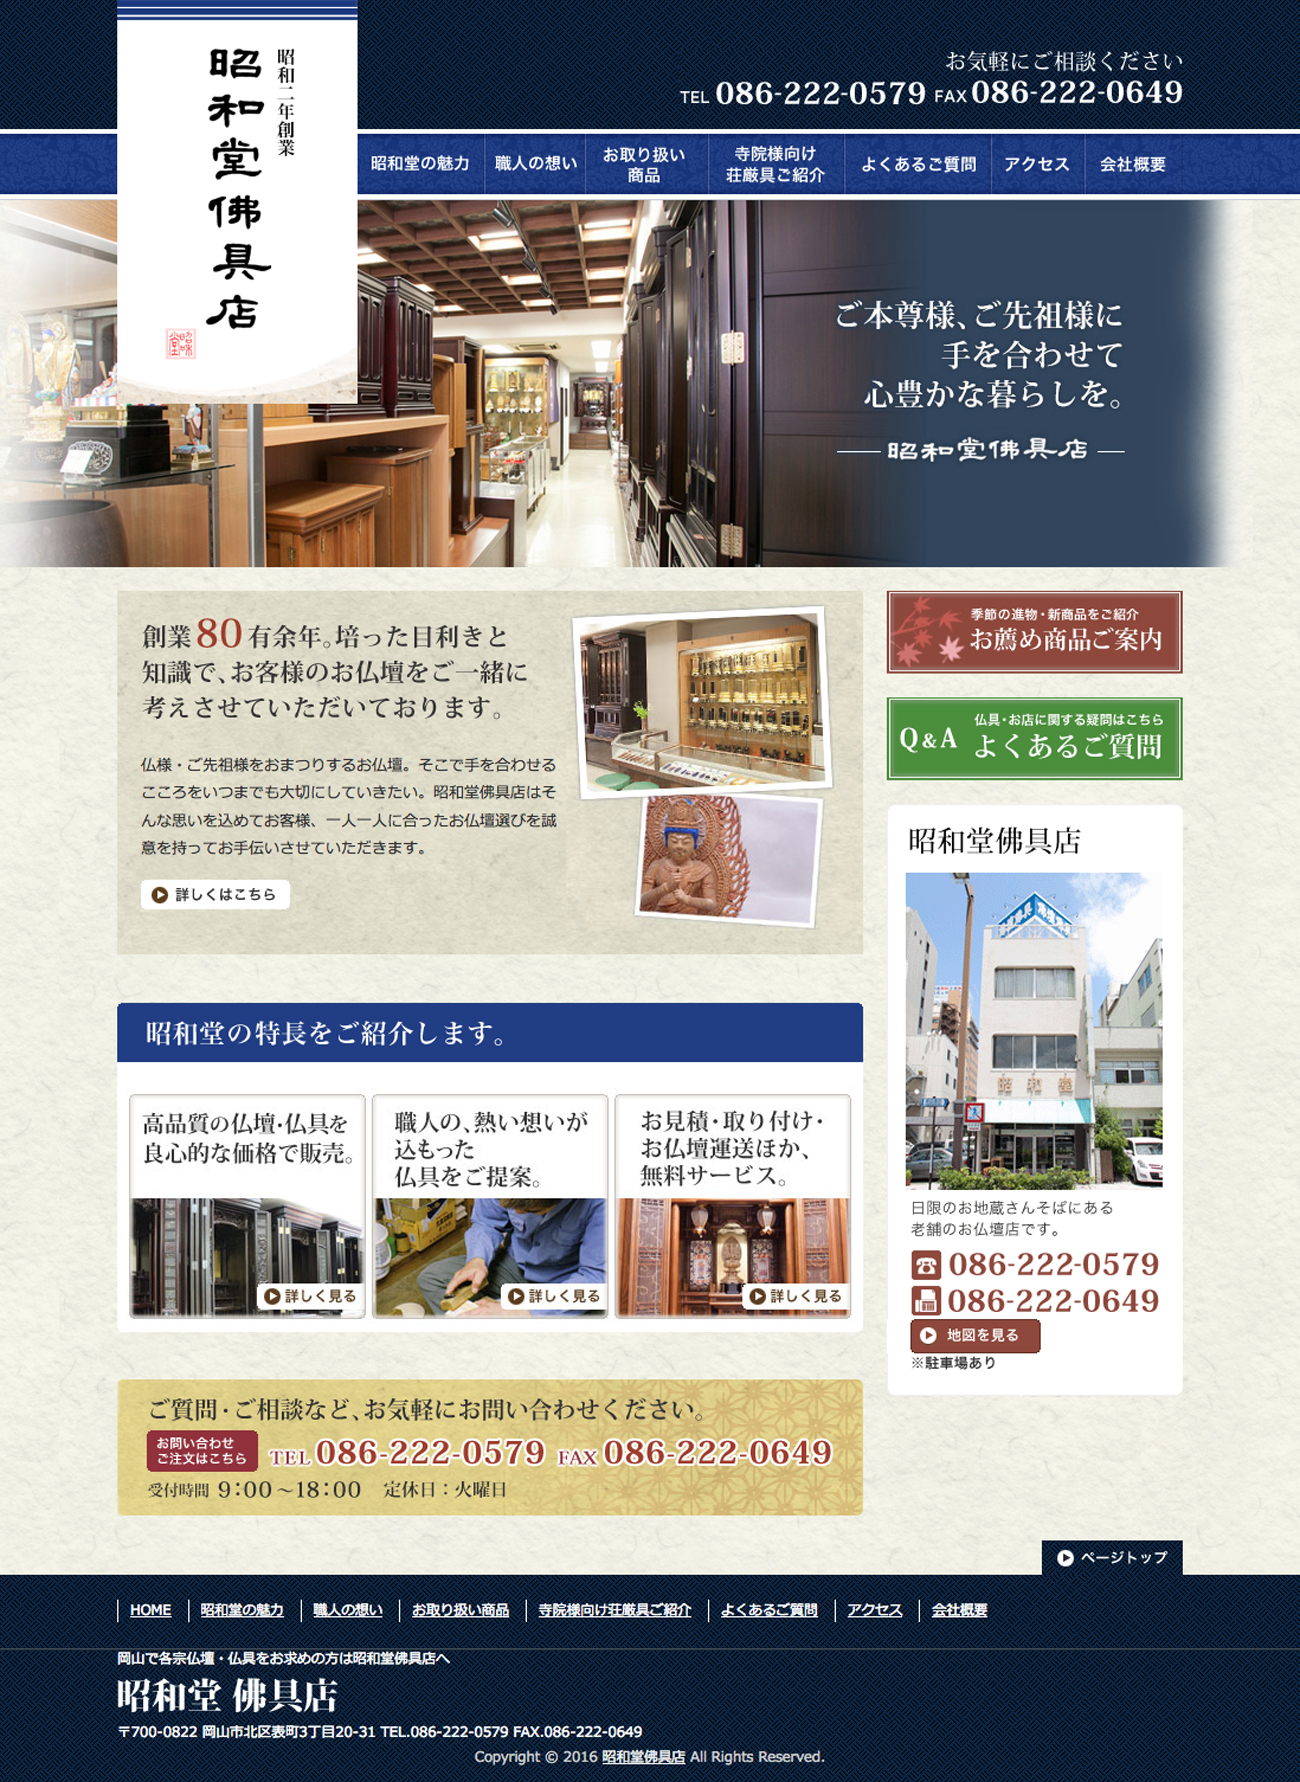 岡山で各宗仏壇・仏具なら昭和堂佛具店